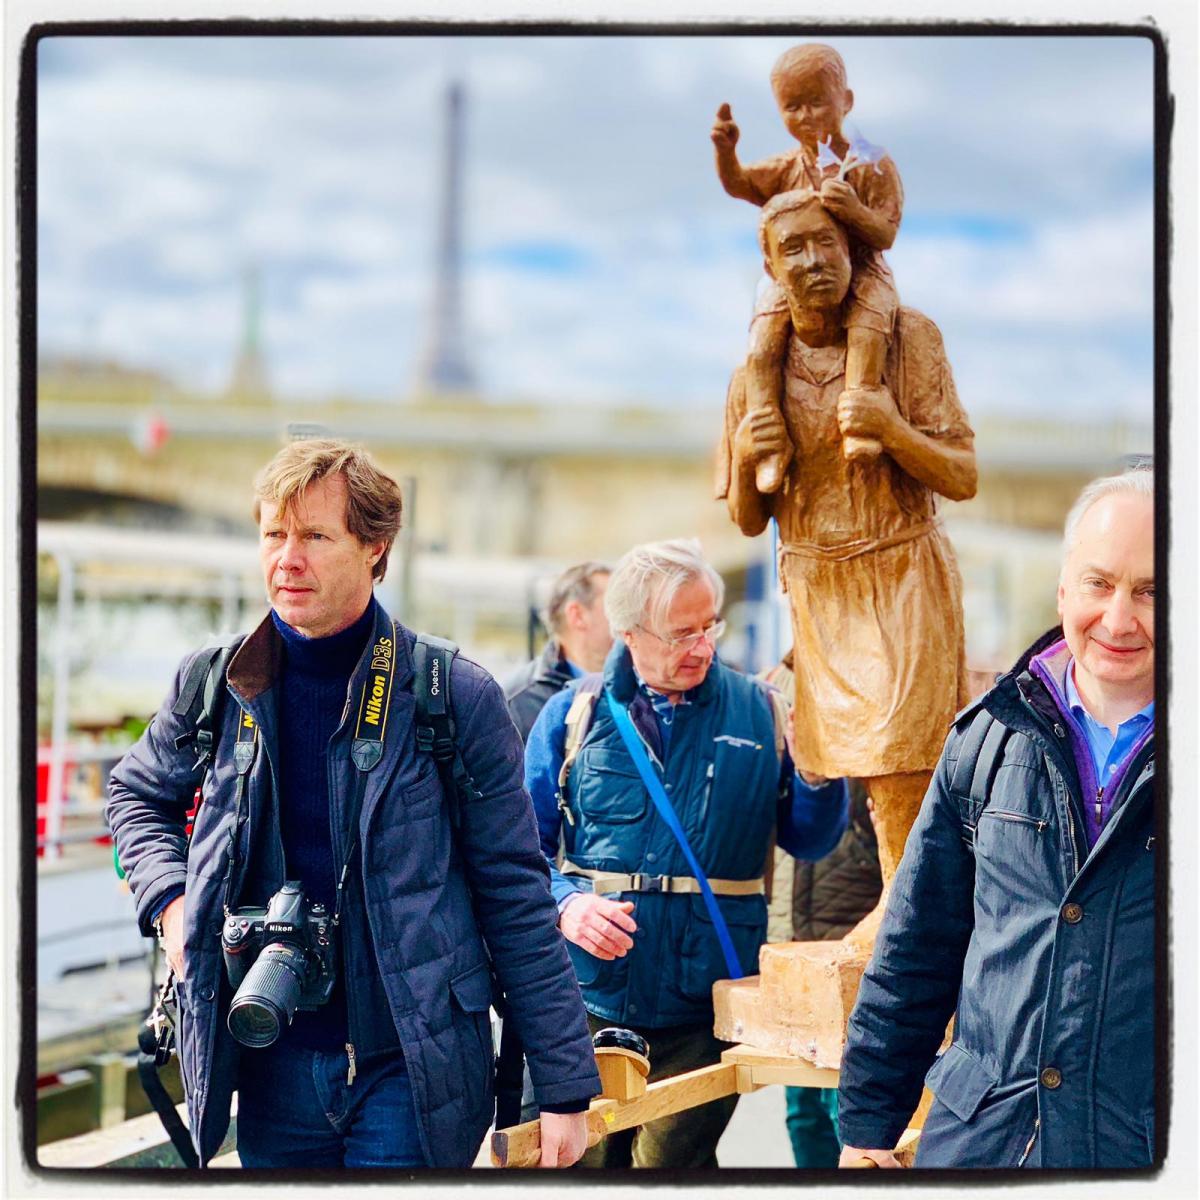 Joseph avec Jésus sur les épaules, la belle statue de la Marche !